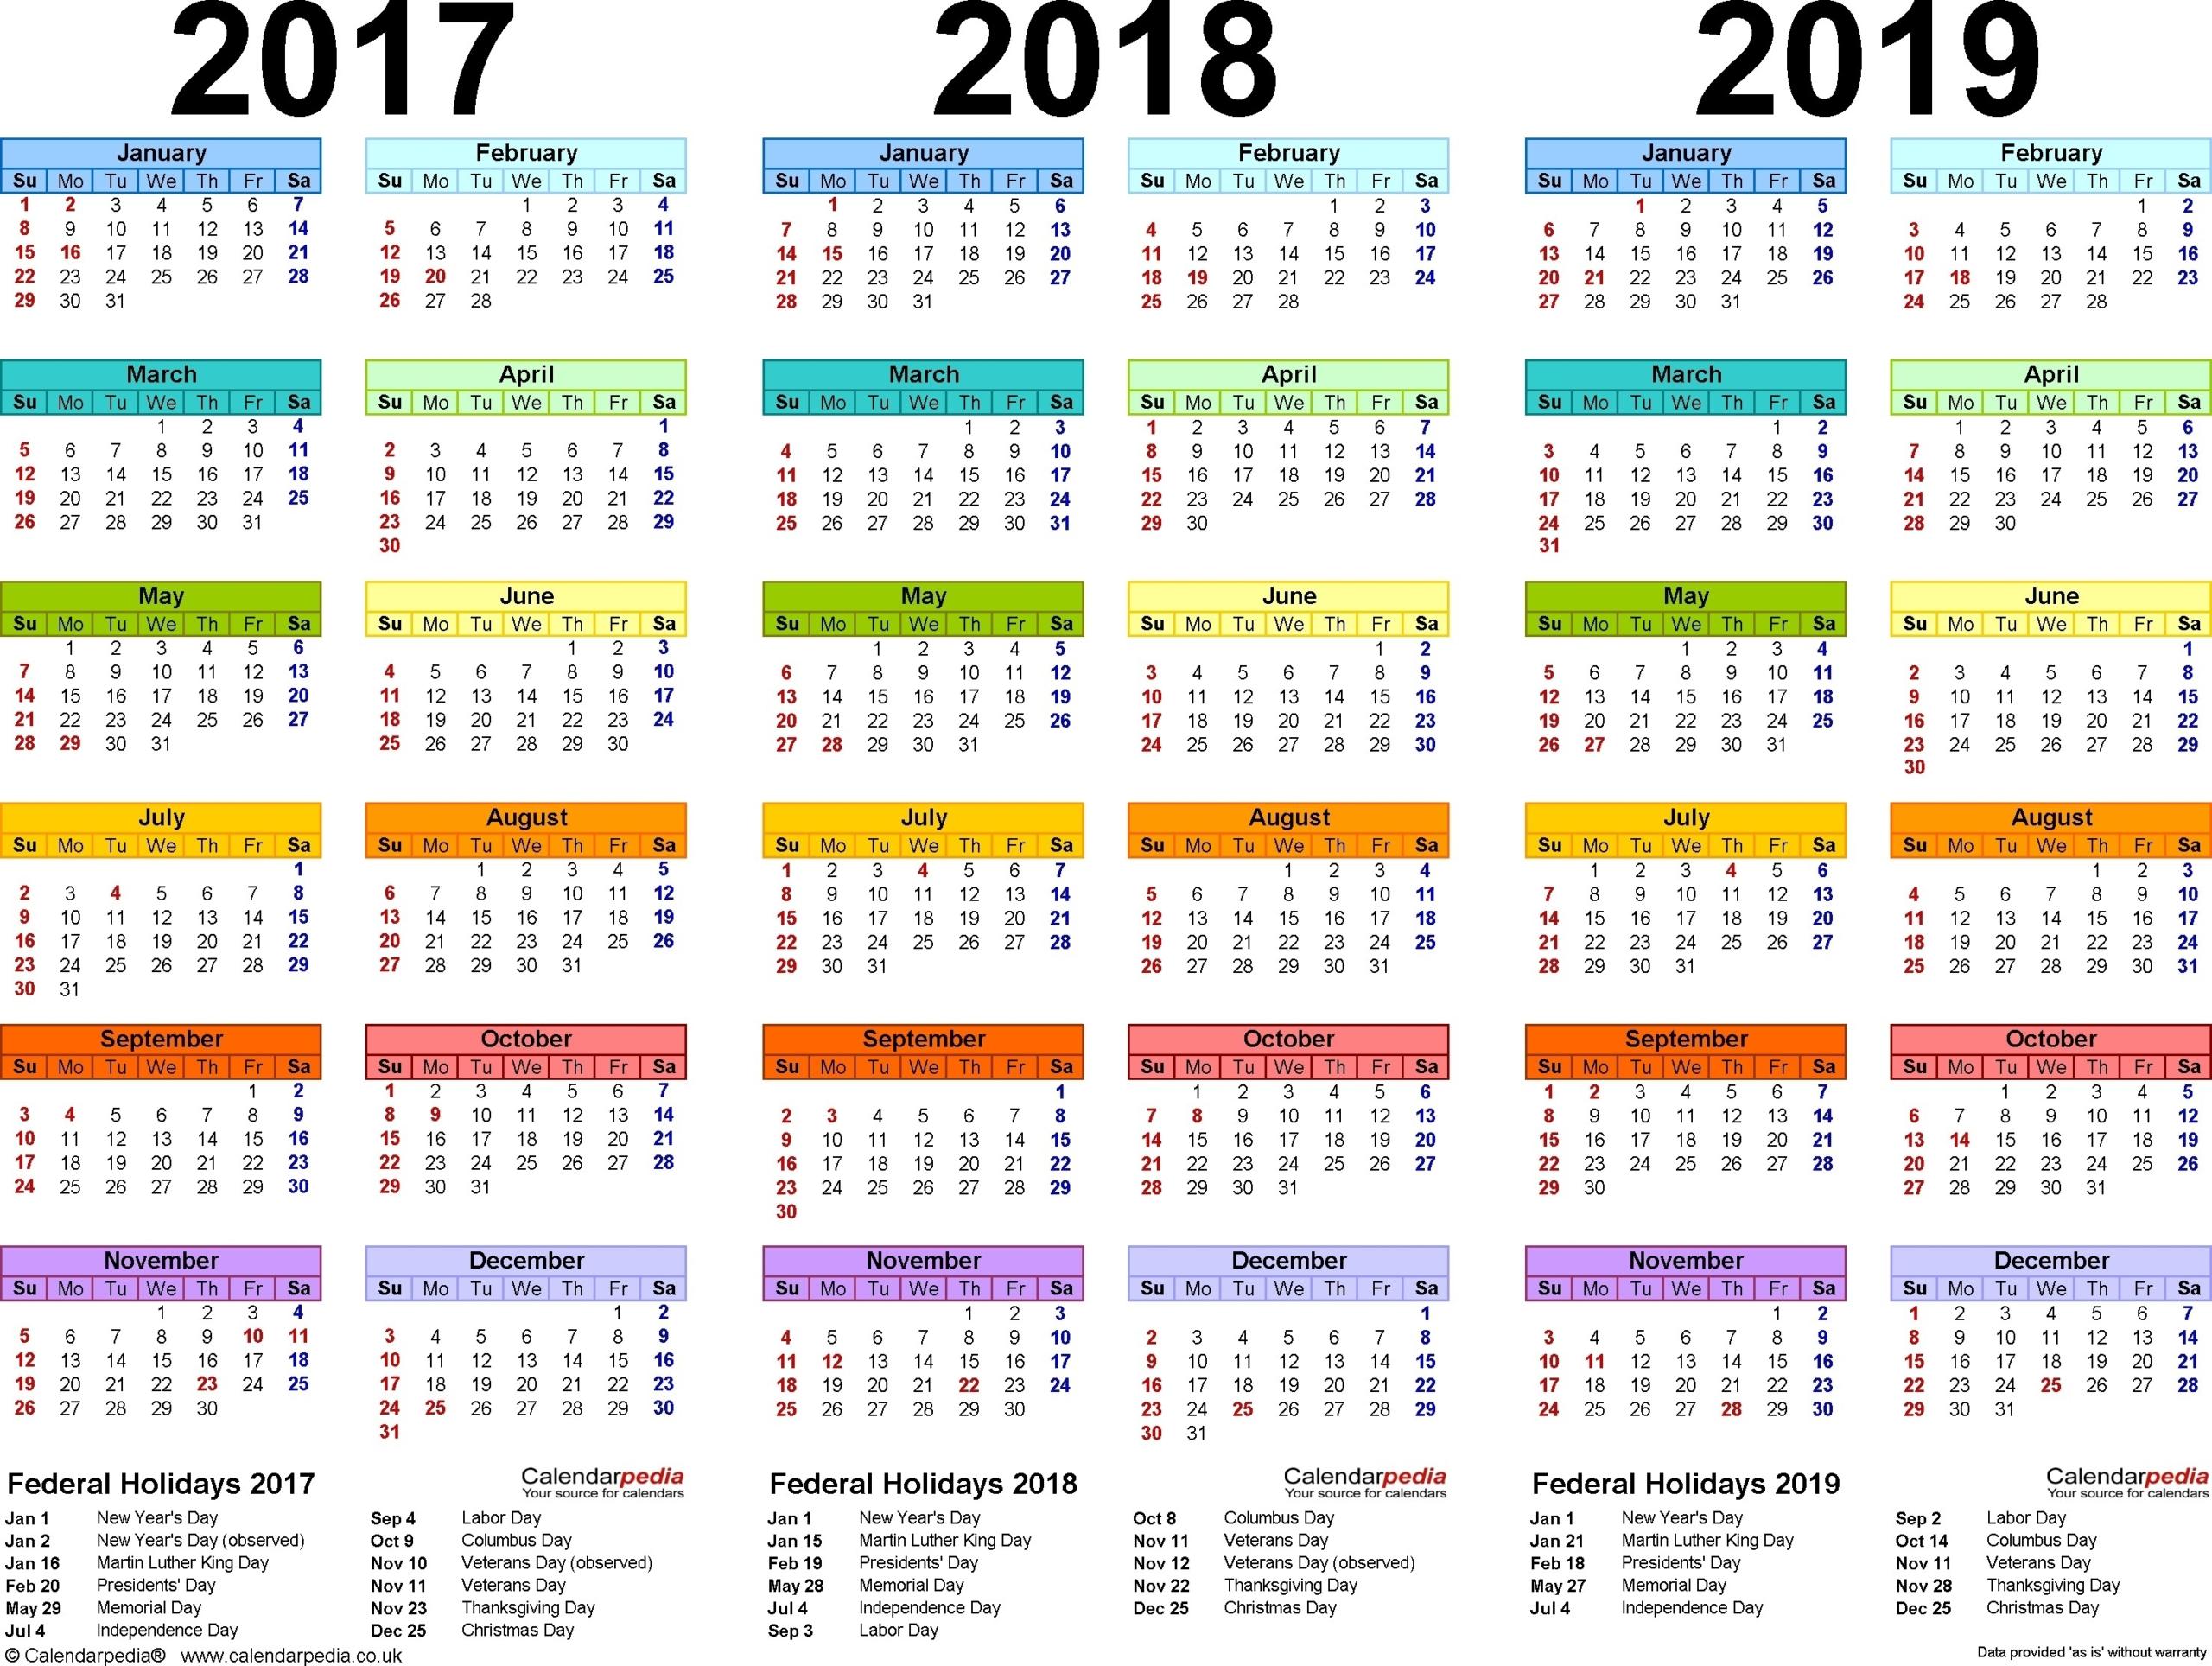 Depo Provera Calendar 2020